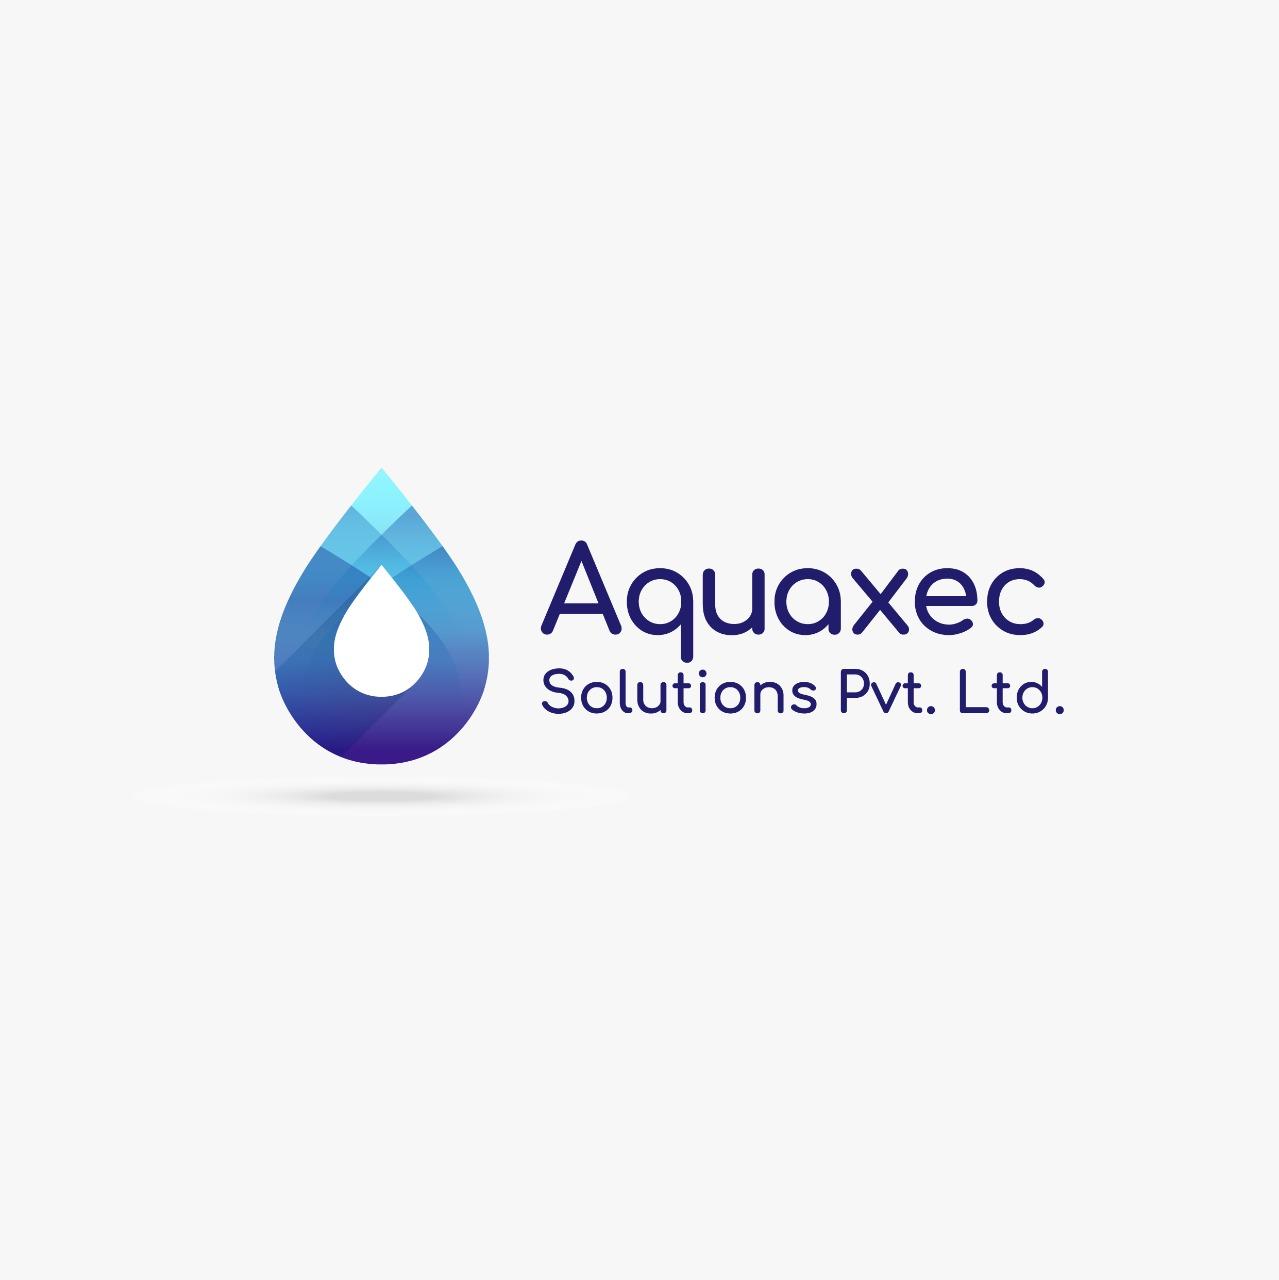 Aquaxec Solutions Pvt. Ltd.